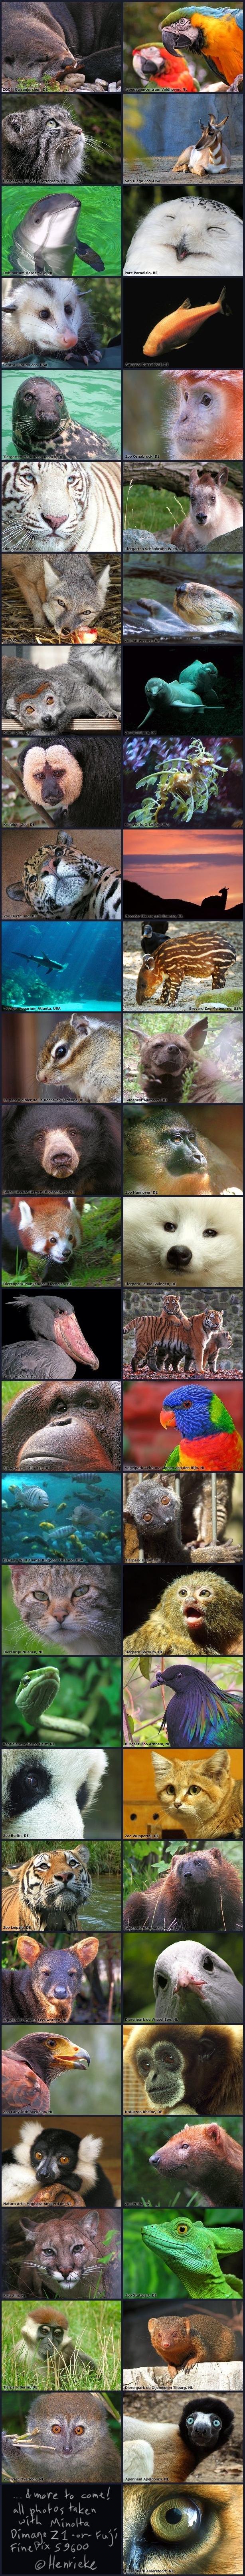 Greetings from 55 zoos by Henrieke